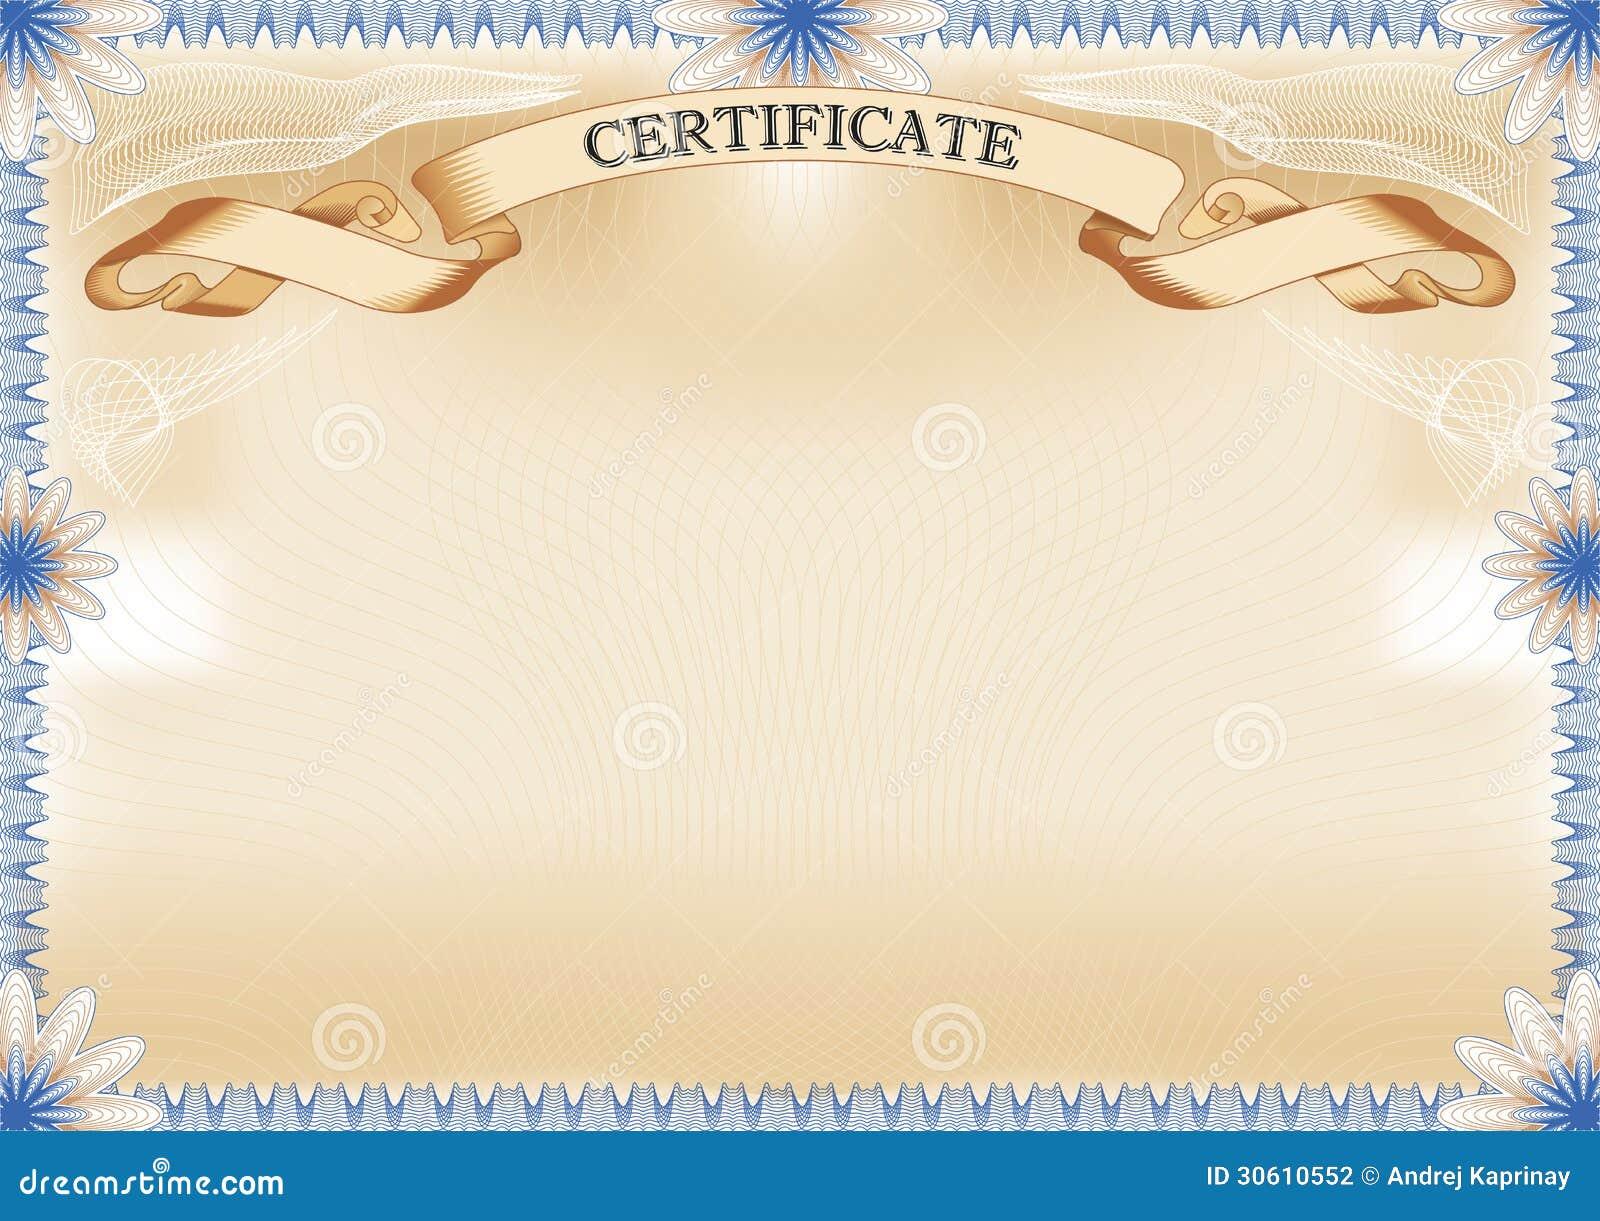 beautiful certificate borders